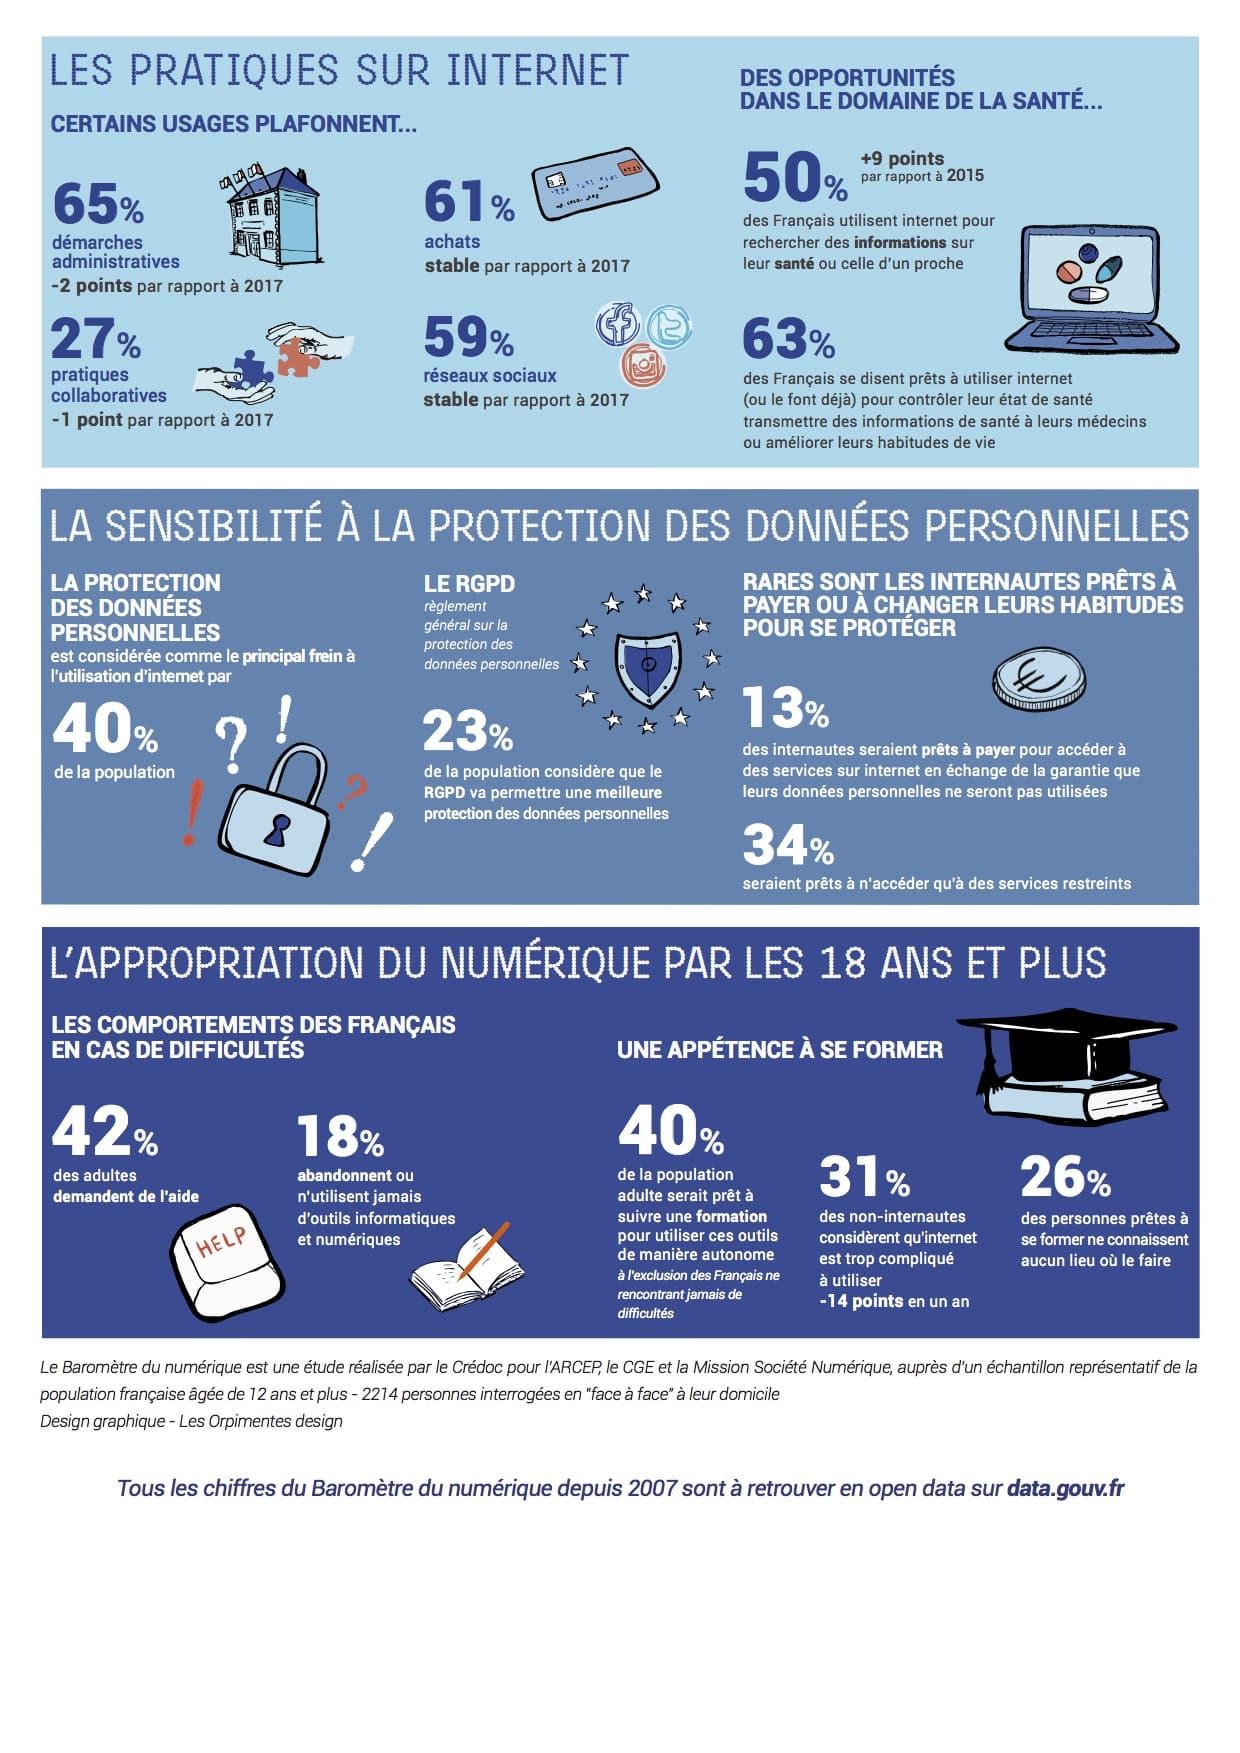 Baromètre du numérique CGE, ARCEP, Agence nationale du numérique